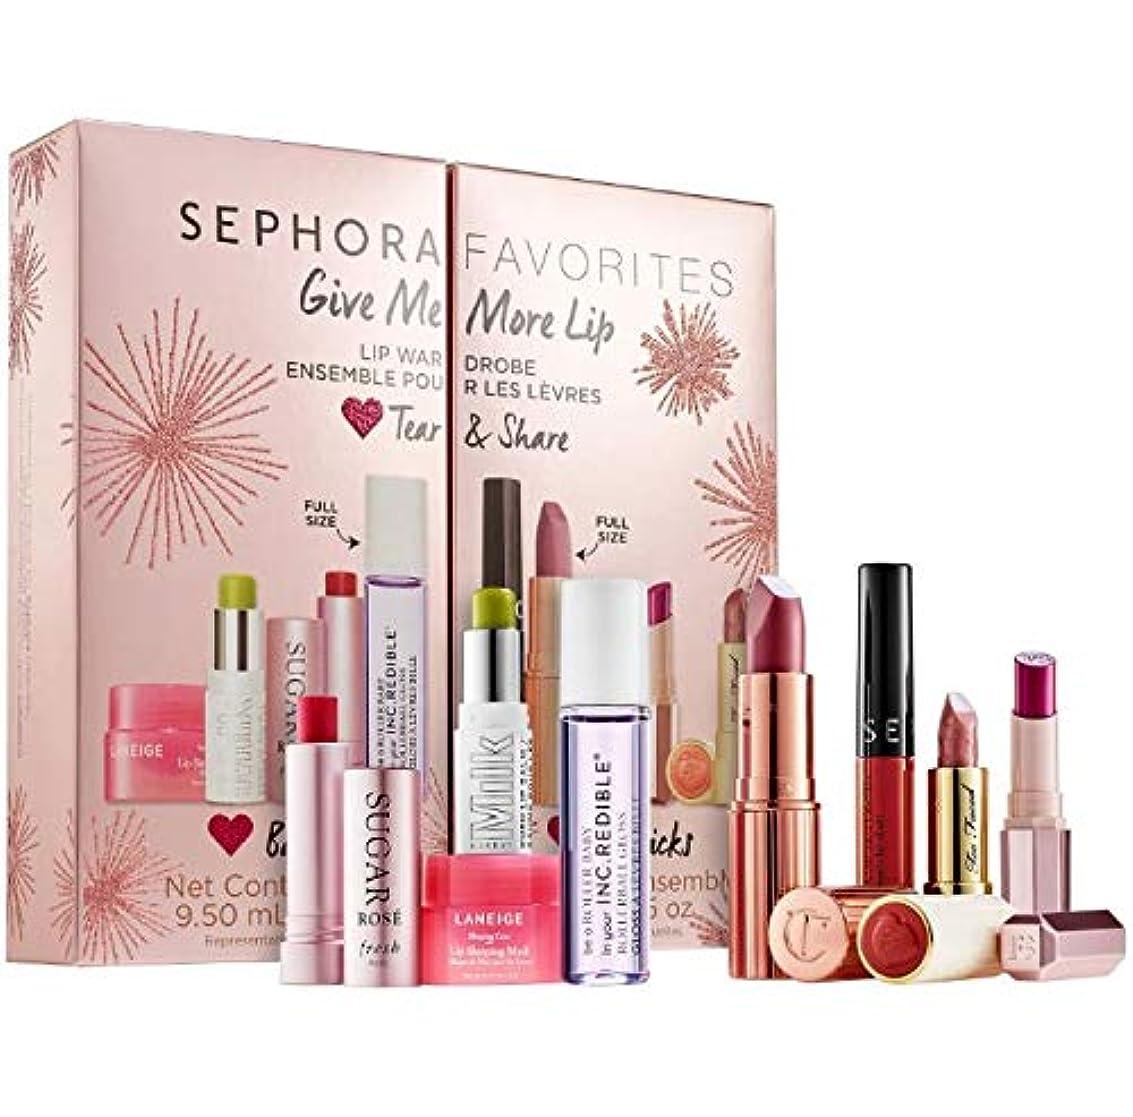 セフォラ リップセット Sephora SEPHORA FAVORITES Give Me More Lip メイクアップ リップ グロス リップケア